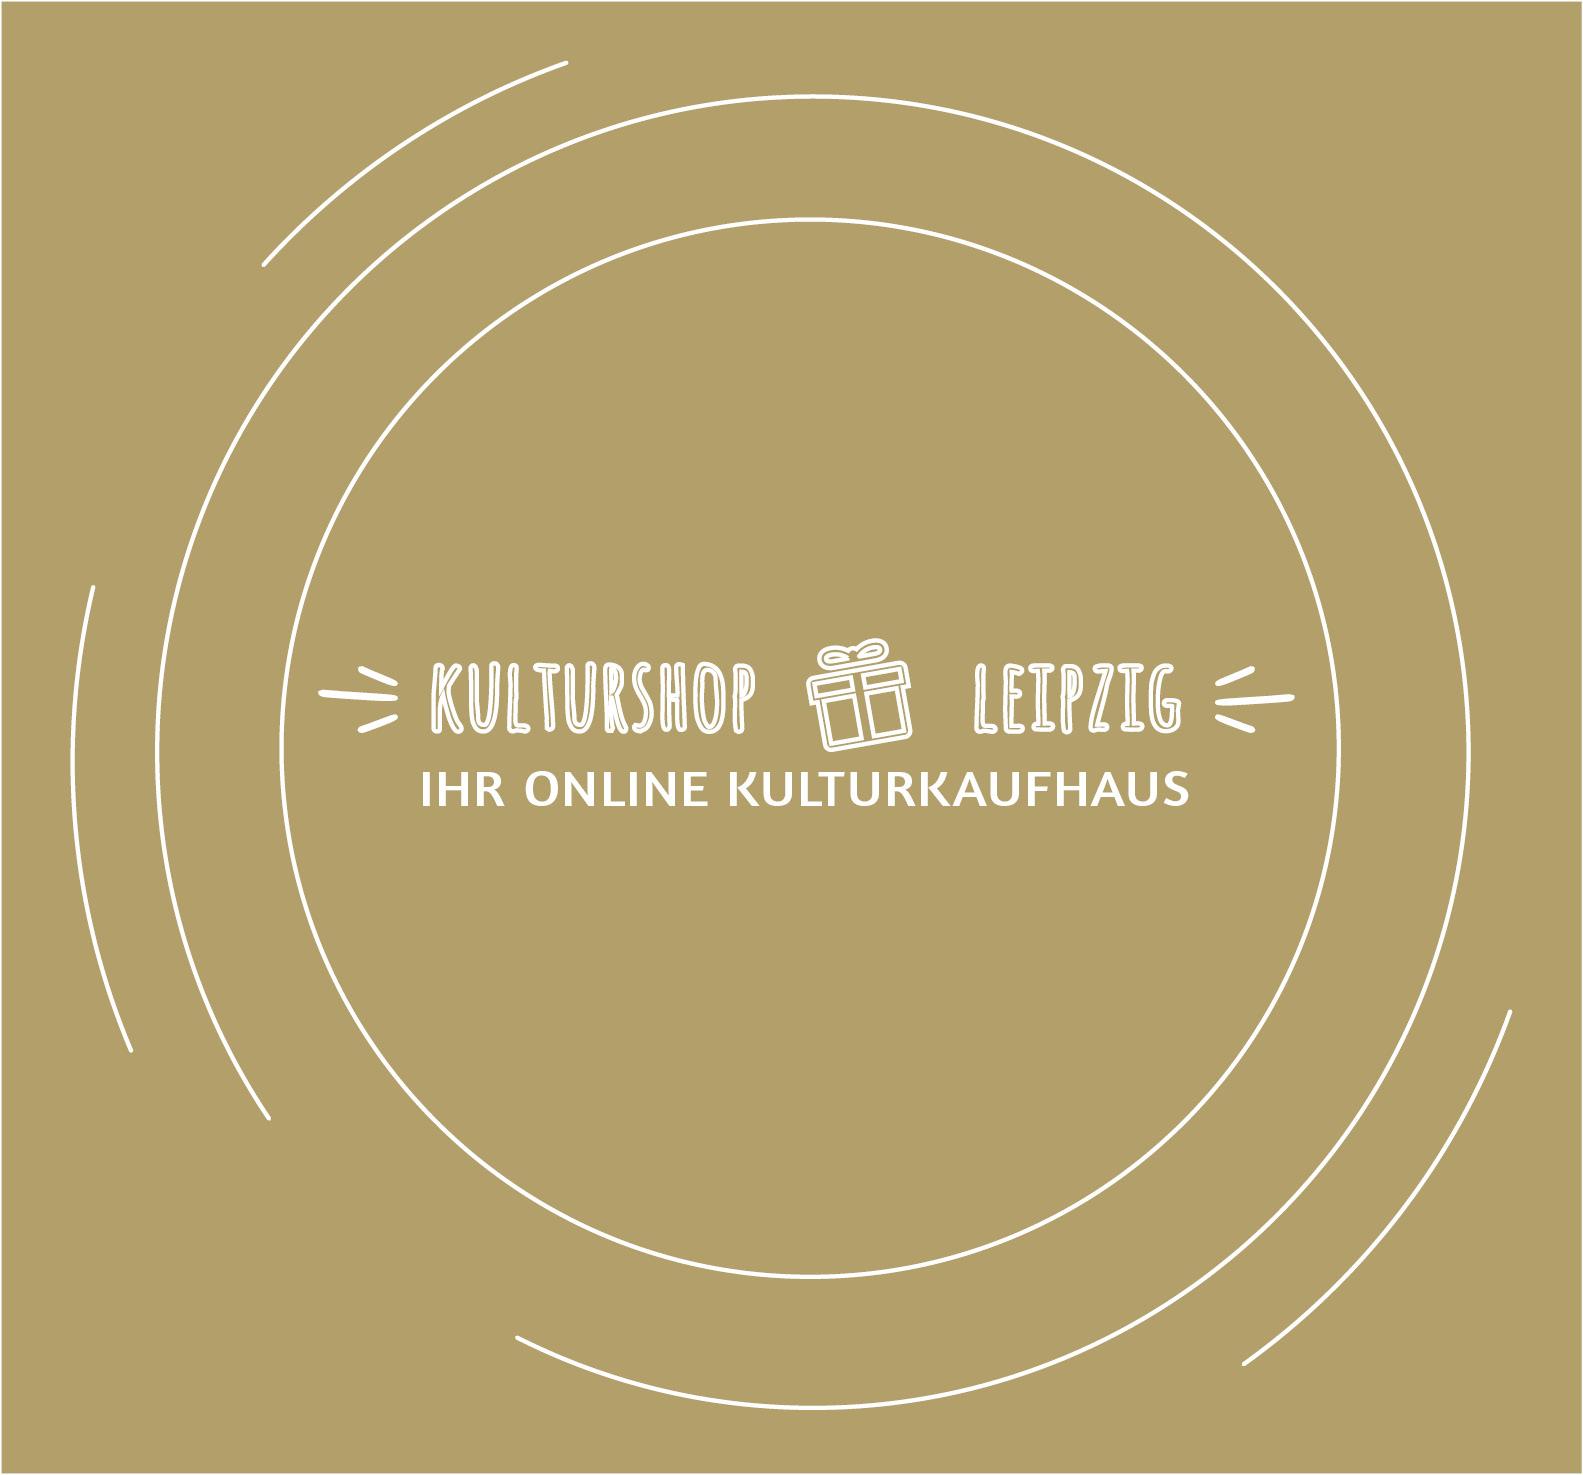 Kulturshop Leipzig - Online Kulturkaufhaus Leipzig - Button Webseite